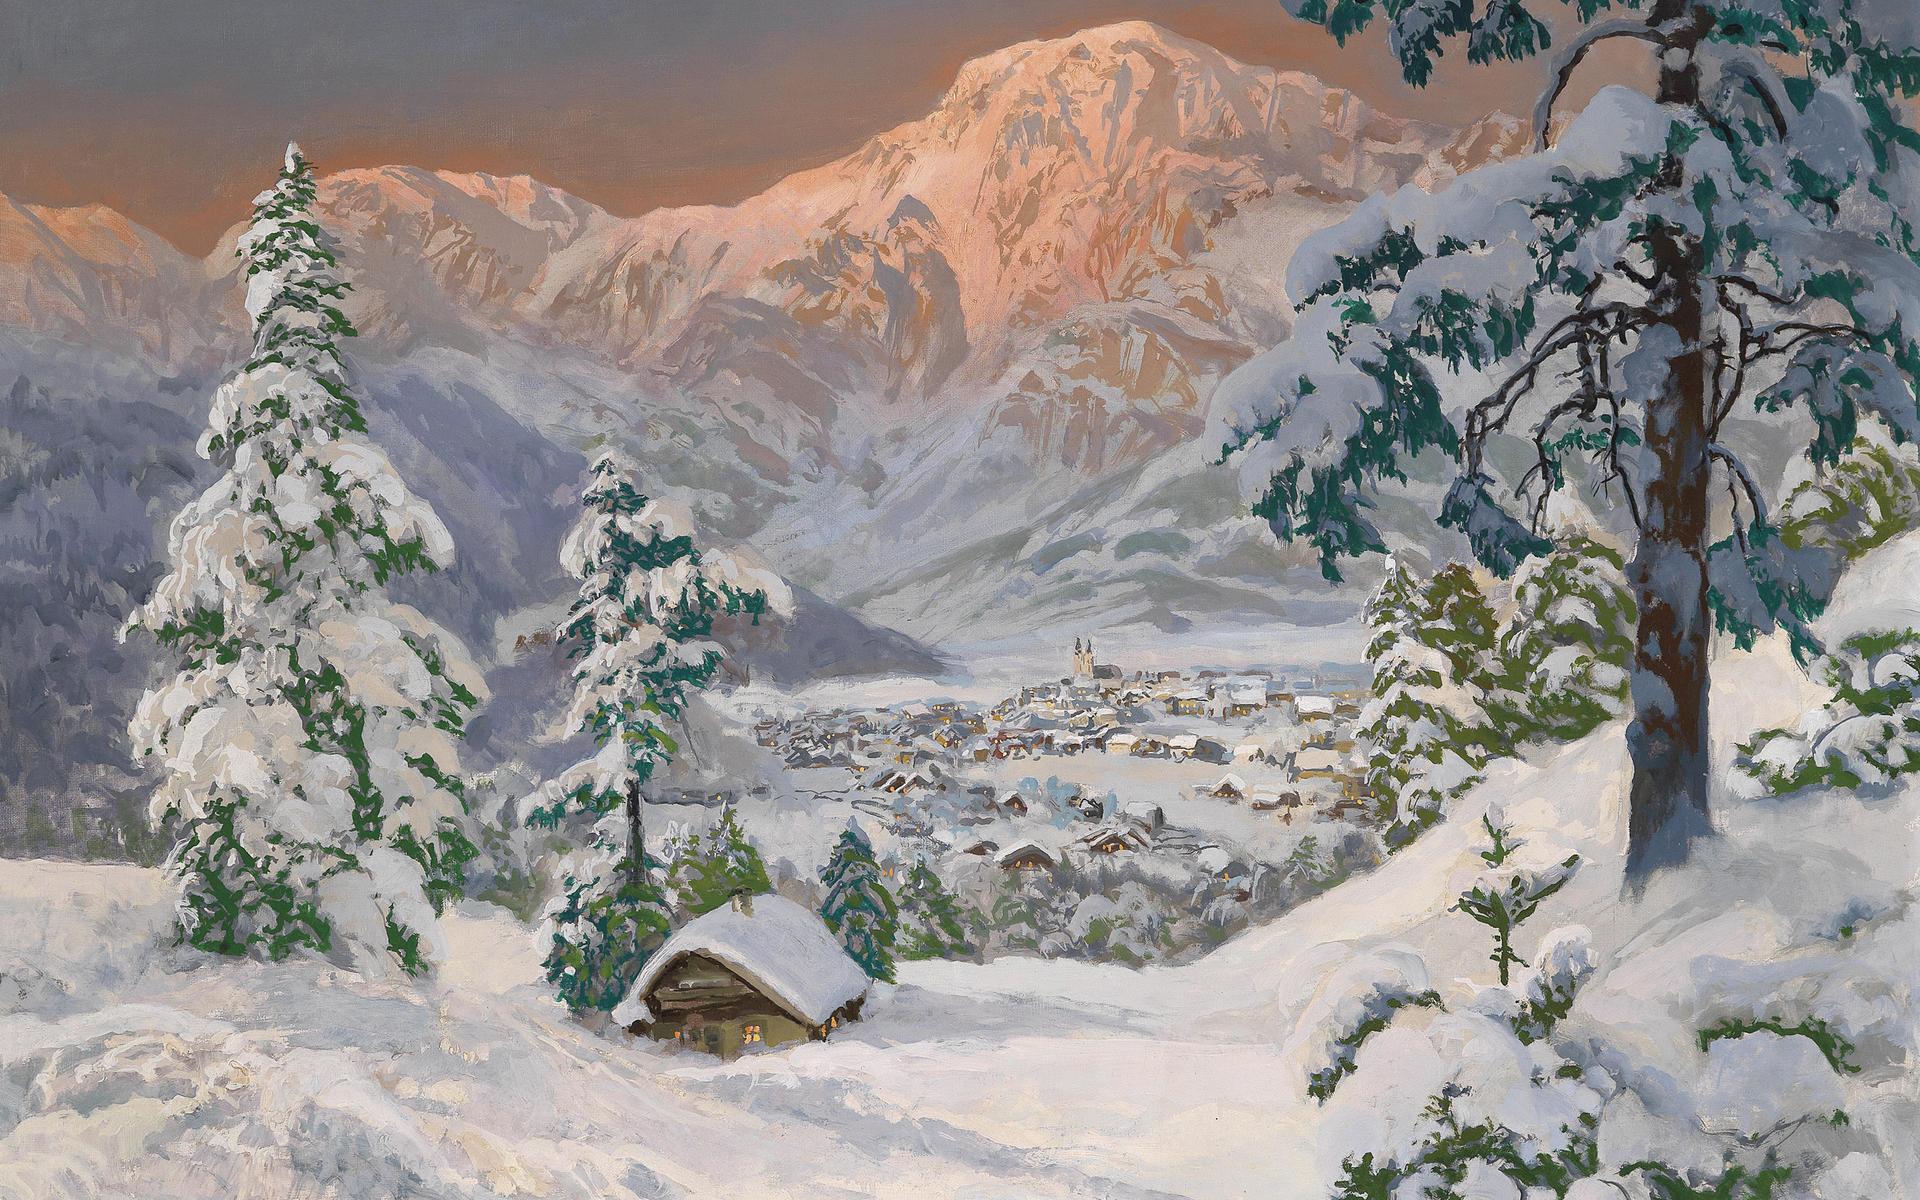 Artistic Winter Landscape Snow Village Painting 1920x1200